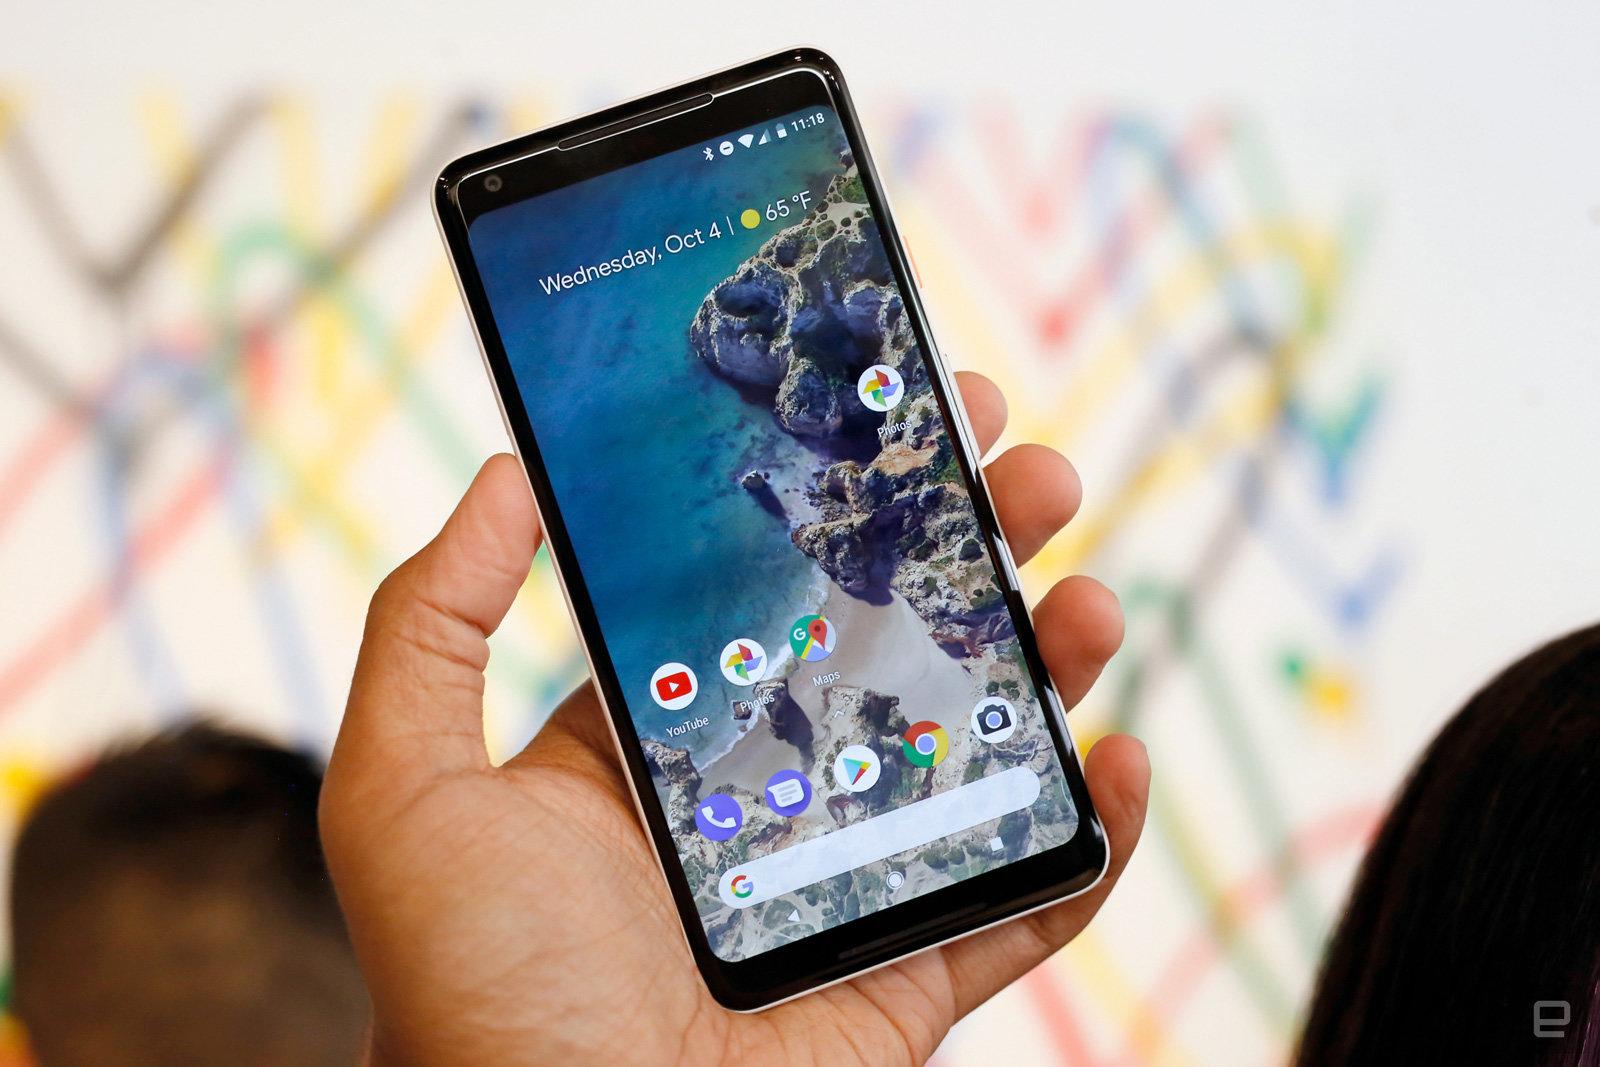 Androidアプリ、2019年8月に64bit対応を義務化。2018年にはOreo以降を